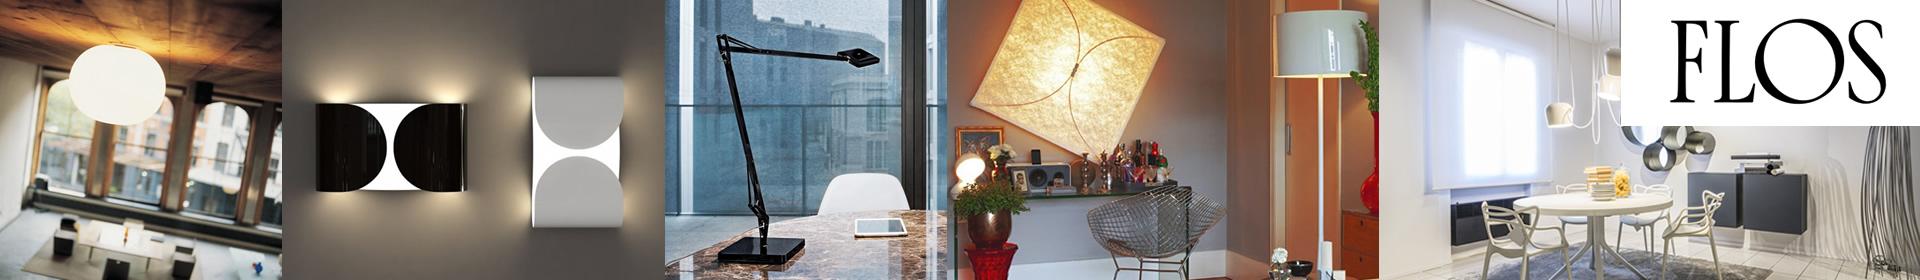 Lampade Flos - vendita lampadari Flos a prezzi scontati